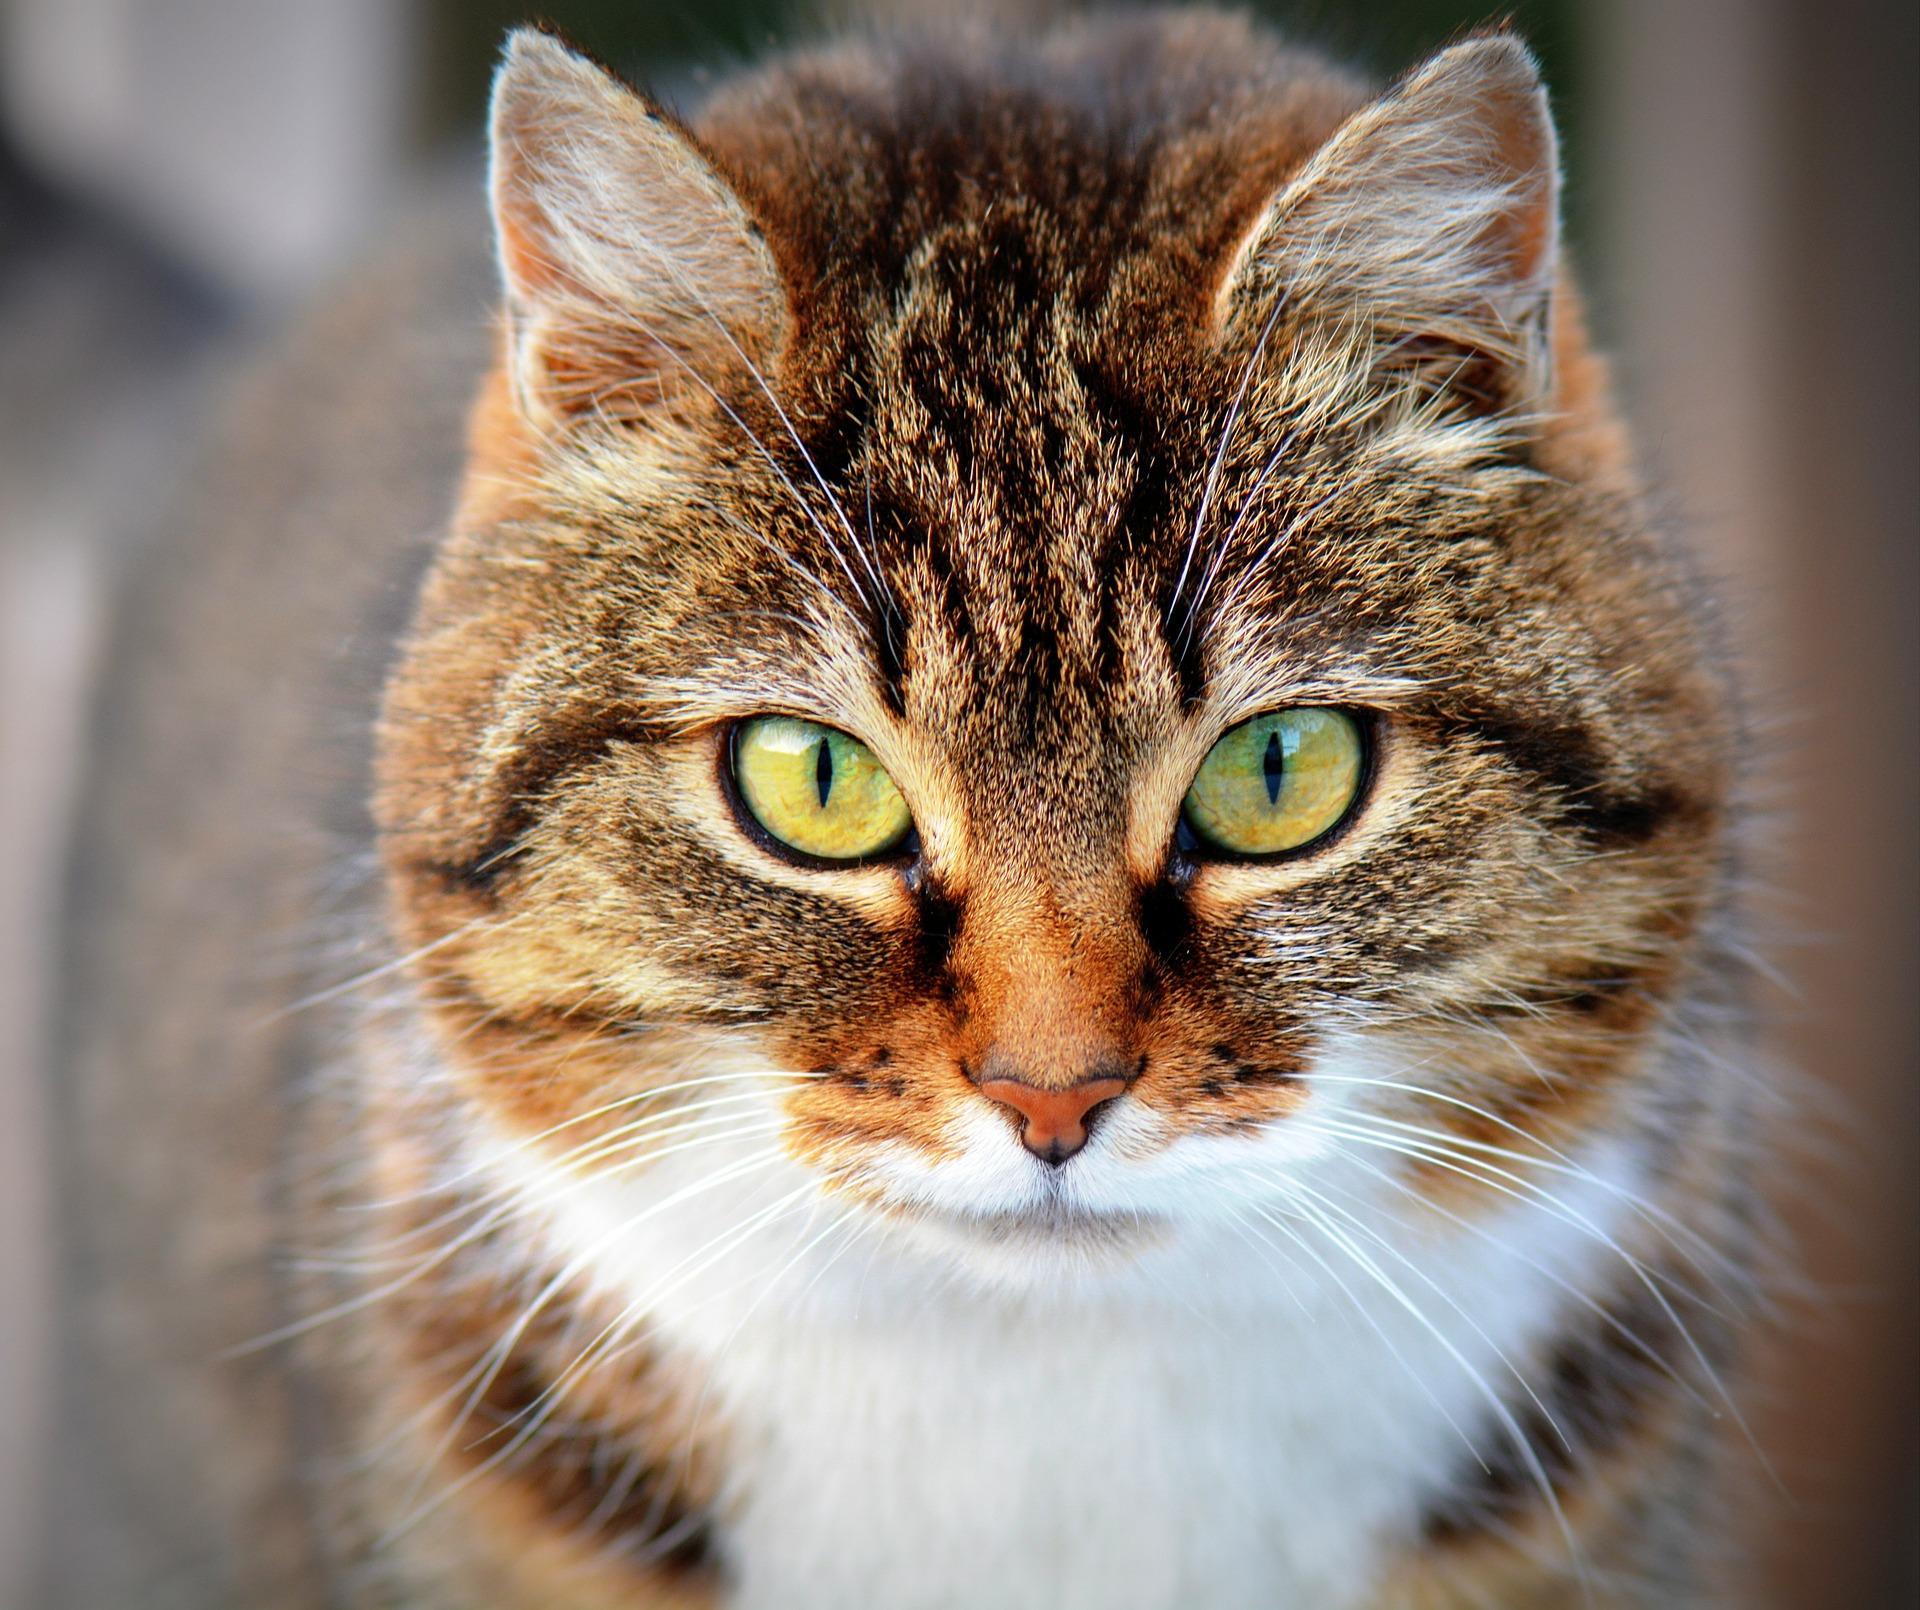 Bild von gähnender Katze